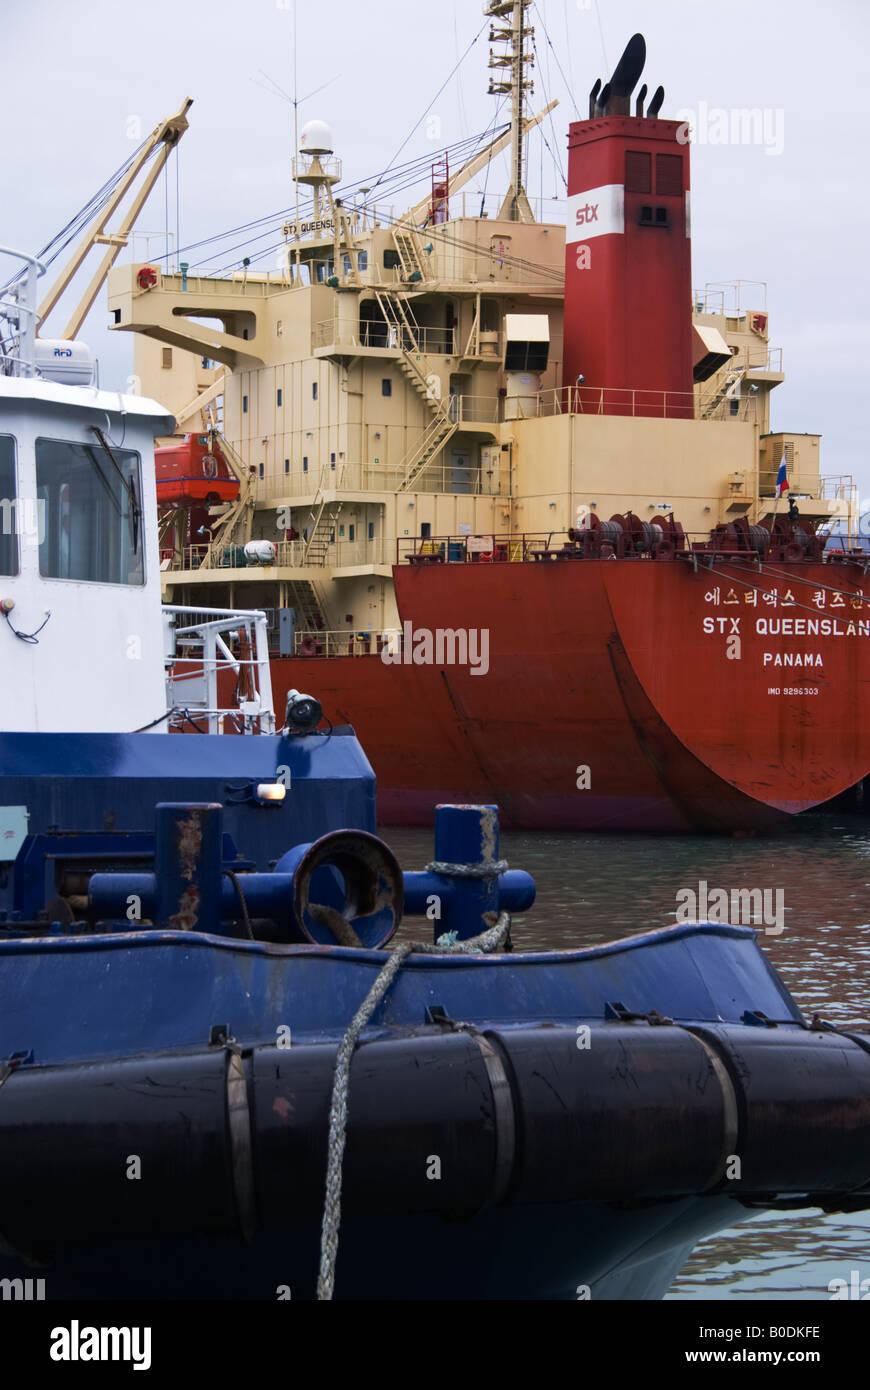 Shipping Trade Ship Stern Stock Photos & Shipping Trade Ship Stern